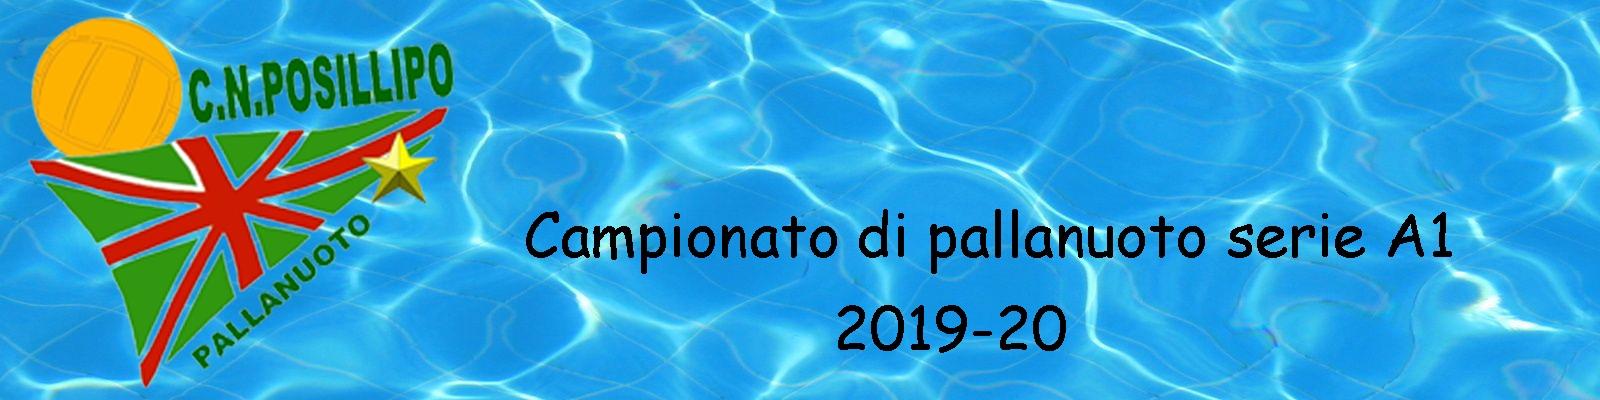 Posillipo anno 2019-20